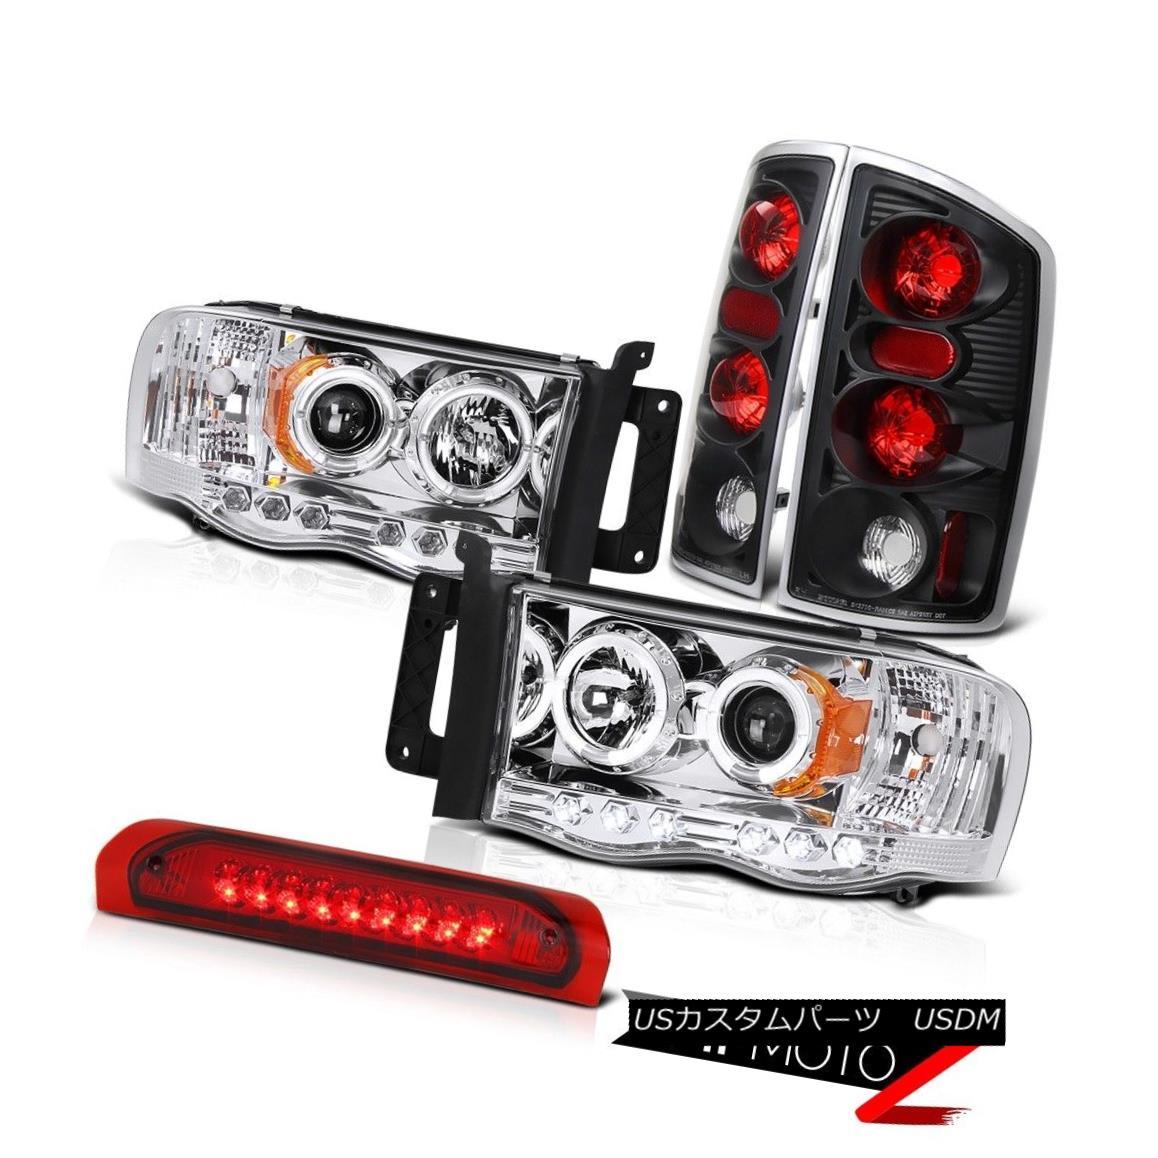 テールライト L+R Halo Projector Headlight+Led 3rd Brake Lamp+Black Tail Light Dodge 02-05 RAM L + R Haloプロジェクターヘッドライト+ Led 3番目のブレーキランプ+ Black Tail Light Dodge 02-05 RAM